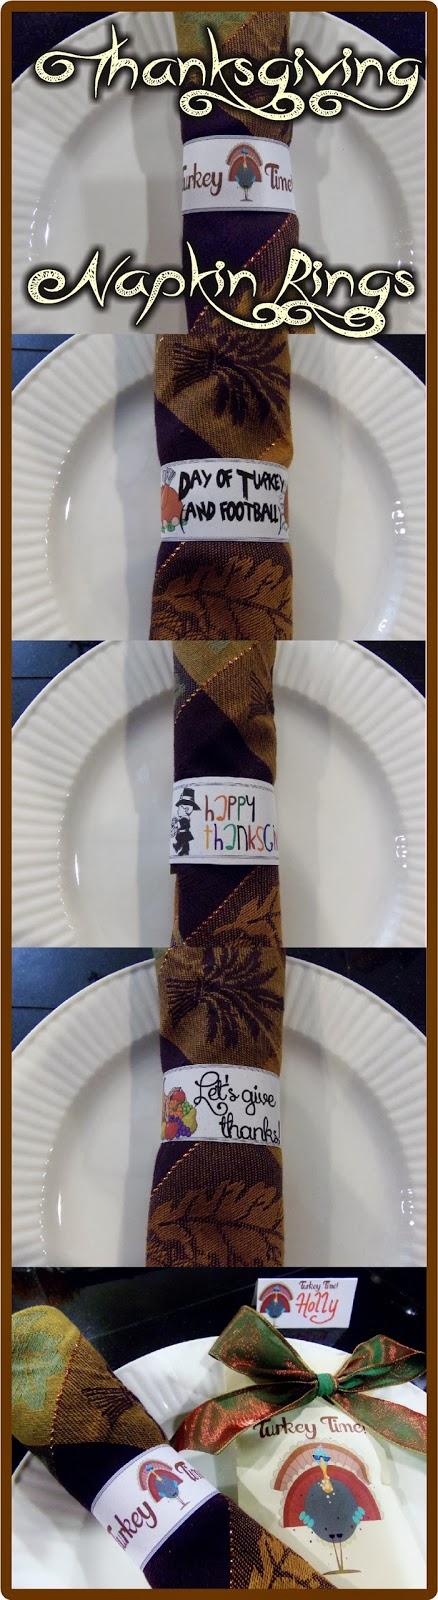 http://hollyshome-hollyshome.blogspot.com/2013/11/thanksgiving-napkin-rings-free-printable.html